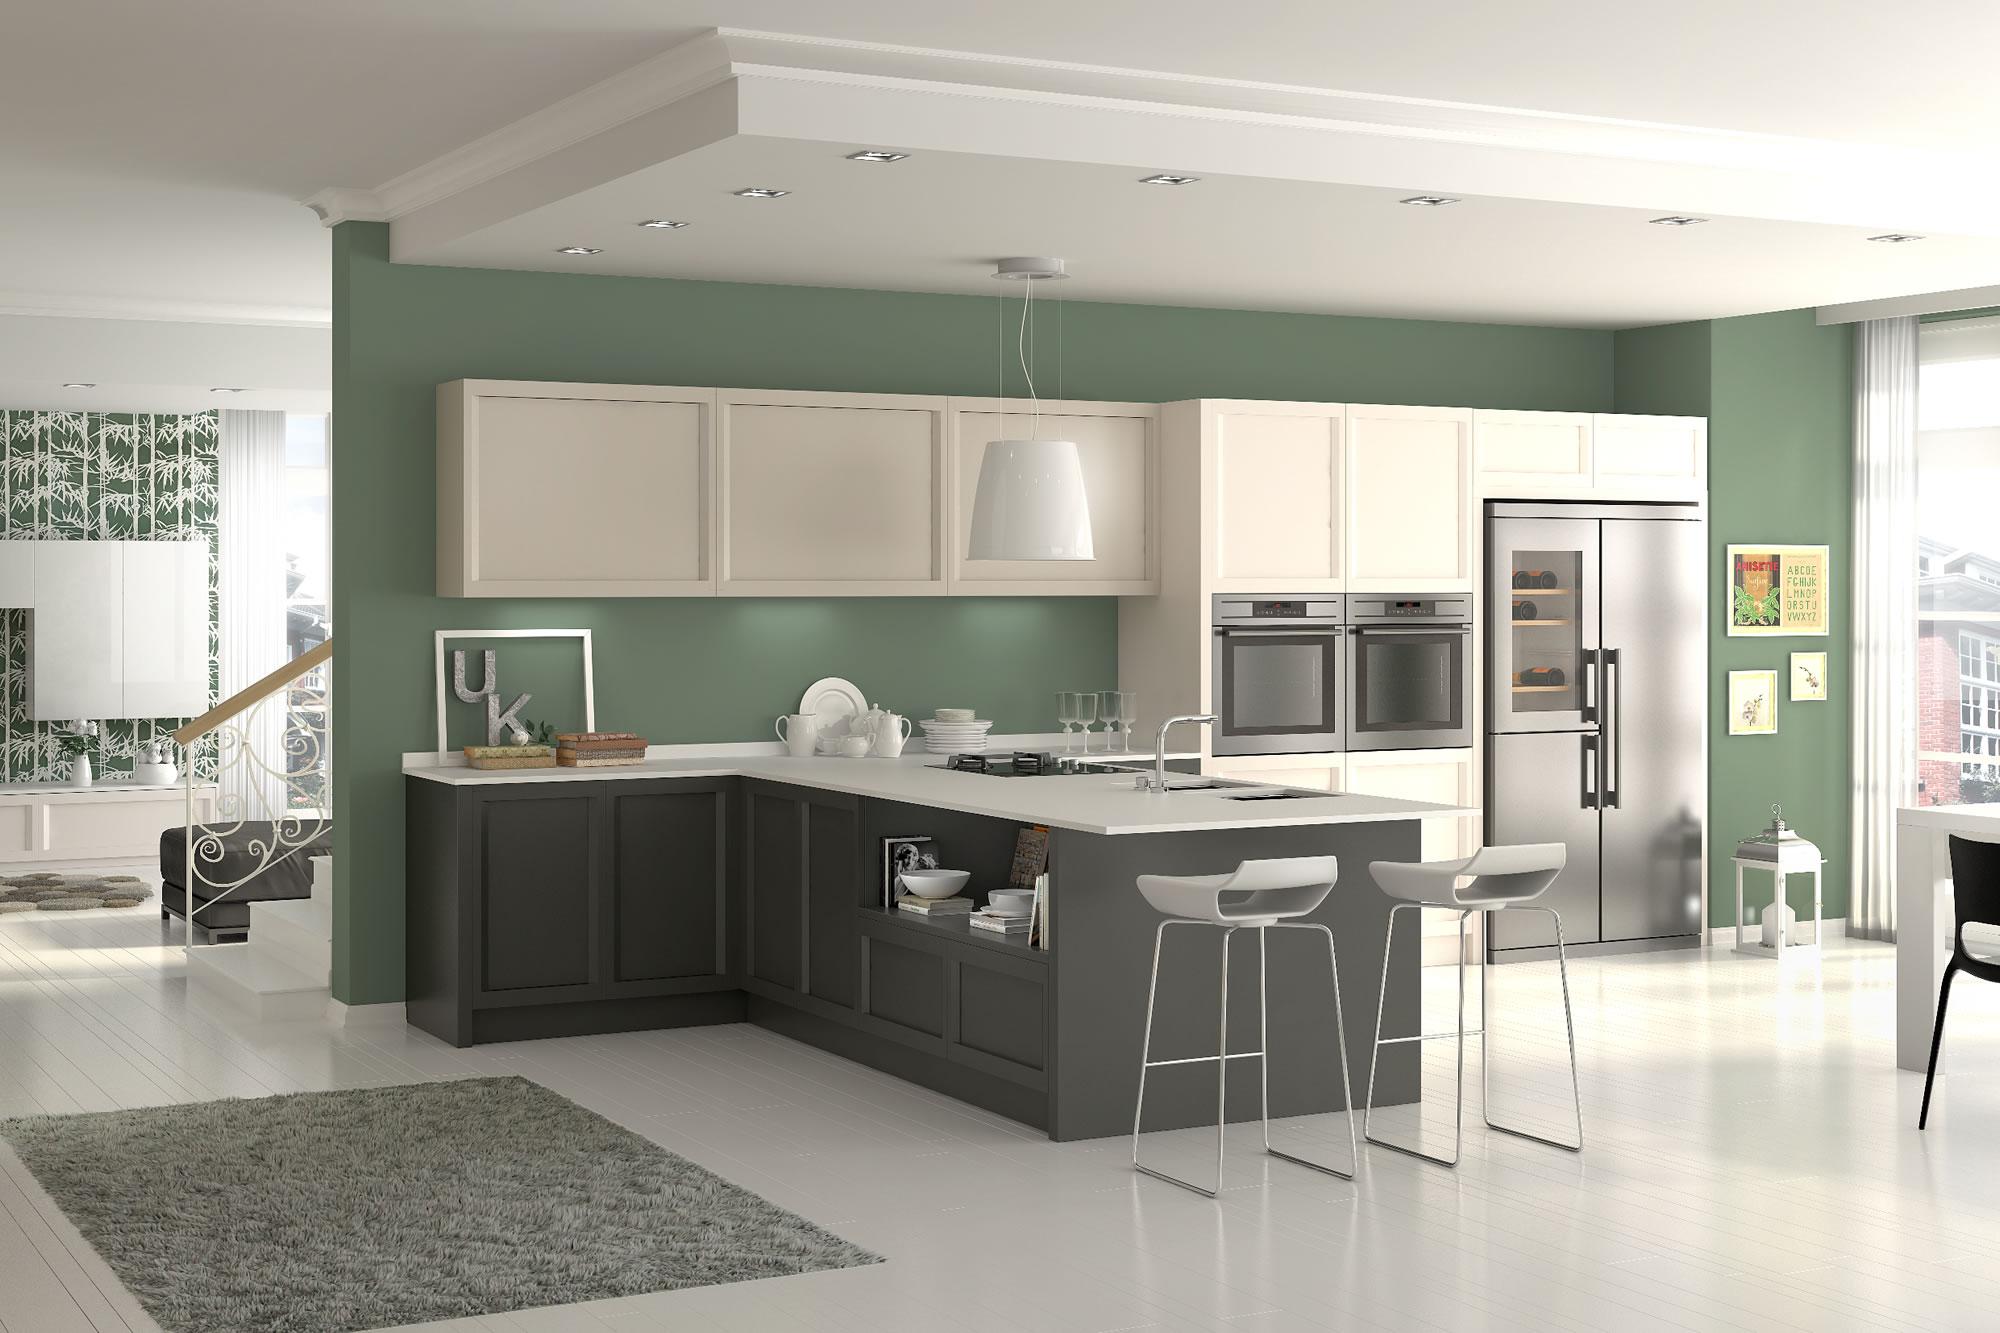 Cucine componibili design moderne eleganti ecologiche for Mobili design italia